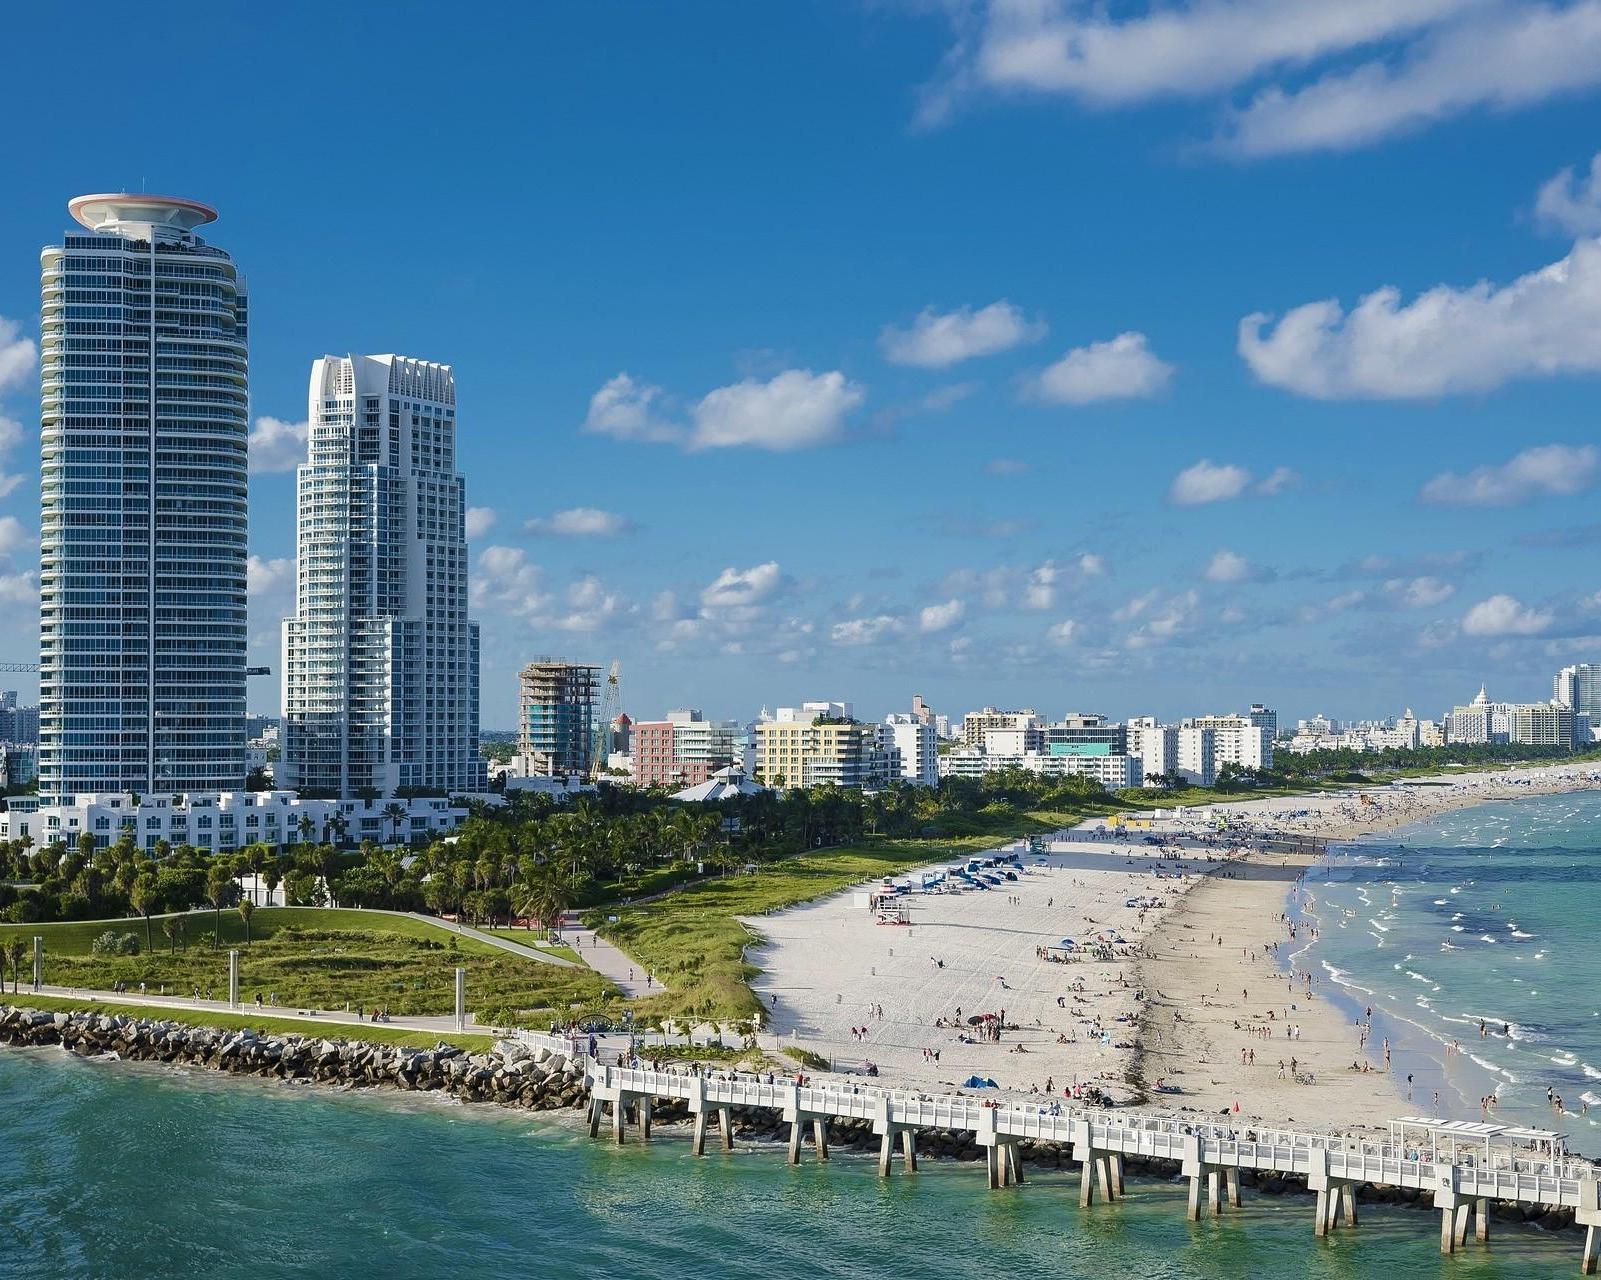 OFERTA Miami Beach, 7 noches de hotel 4 estrellas